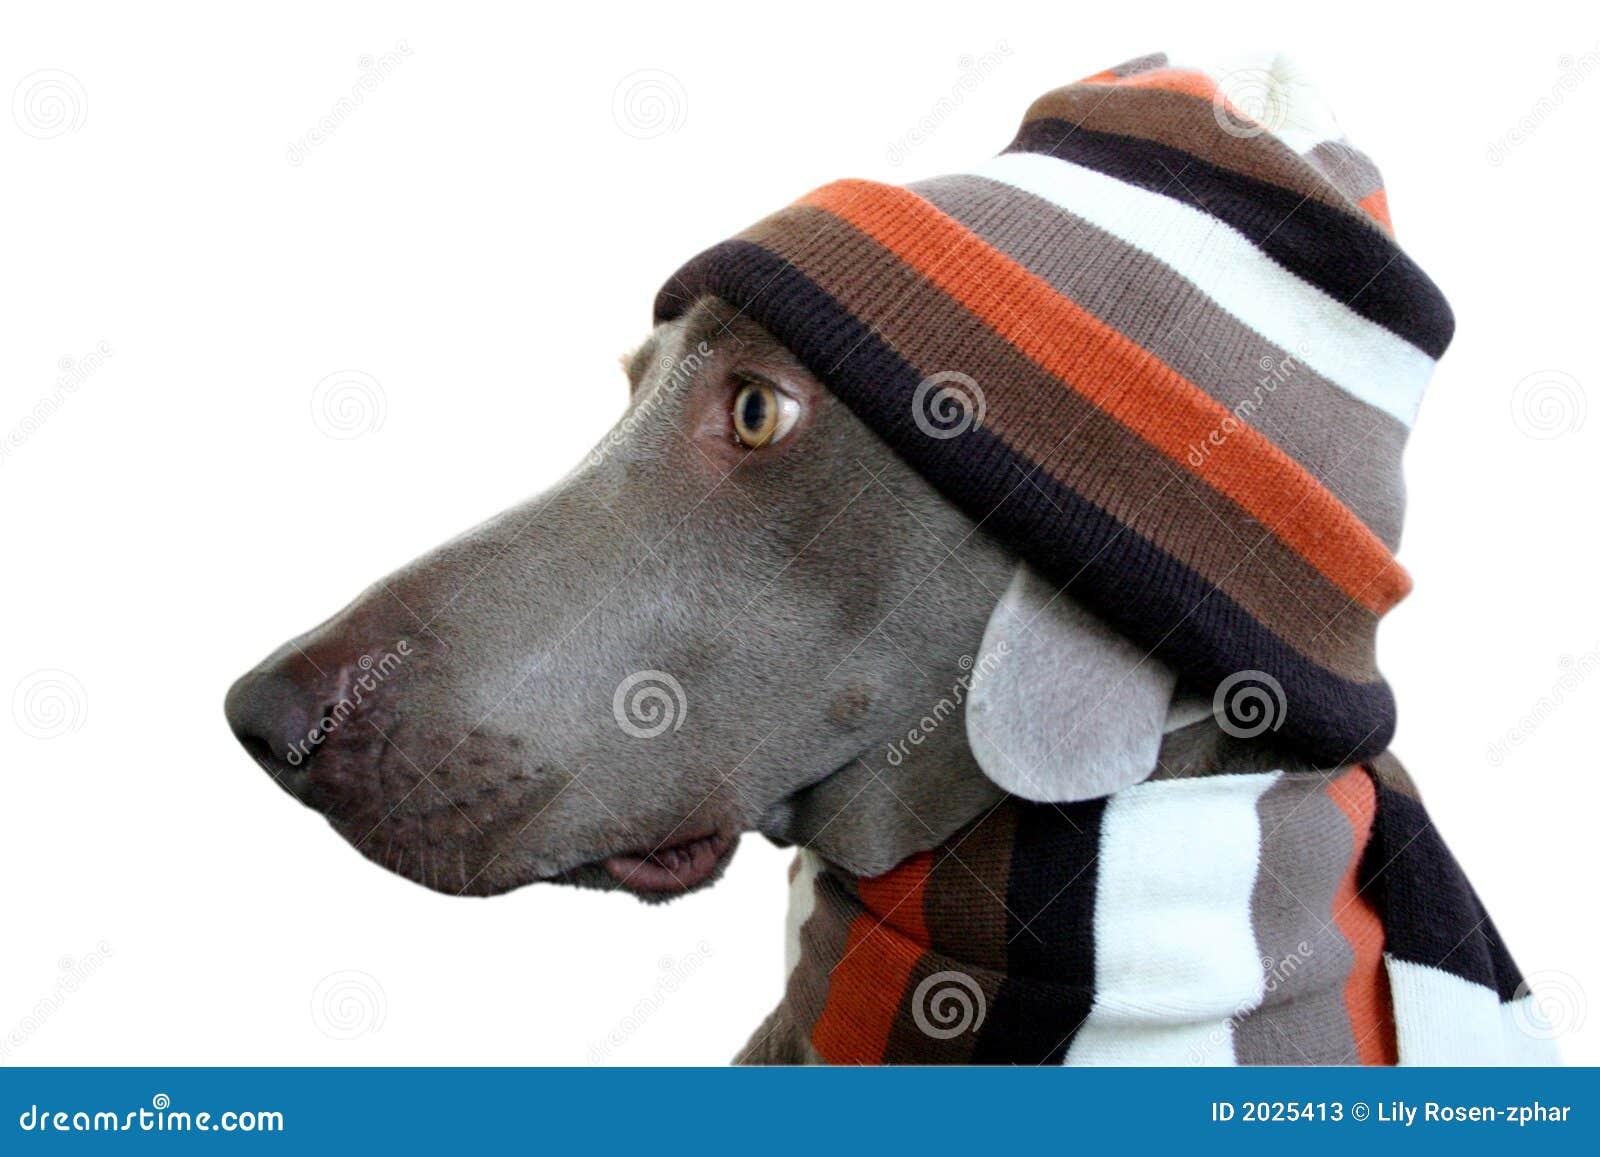 Ein Hundeprofil mit Hut und Schal